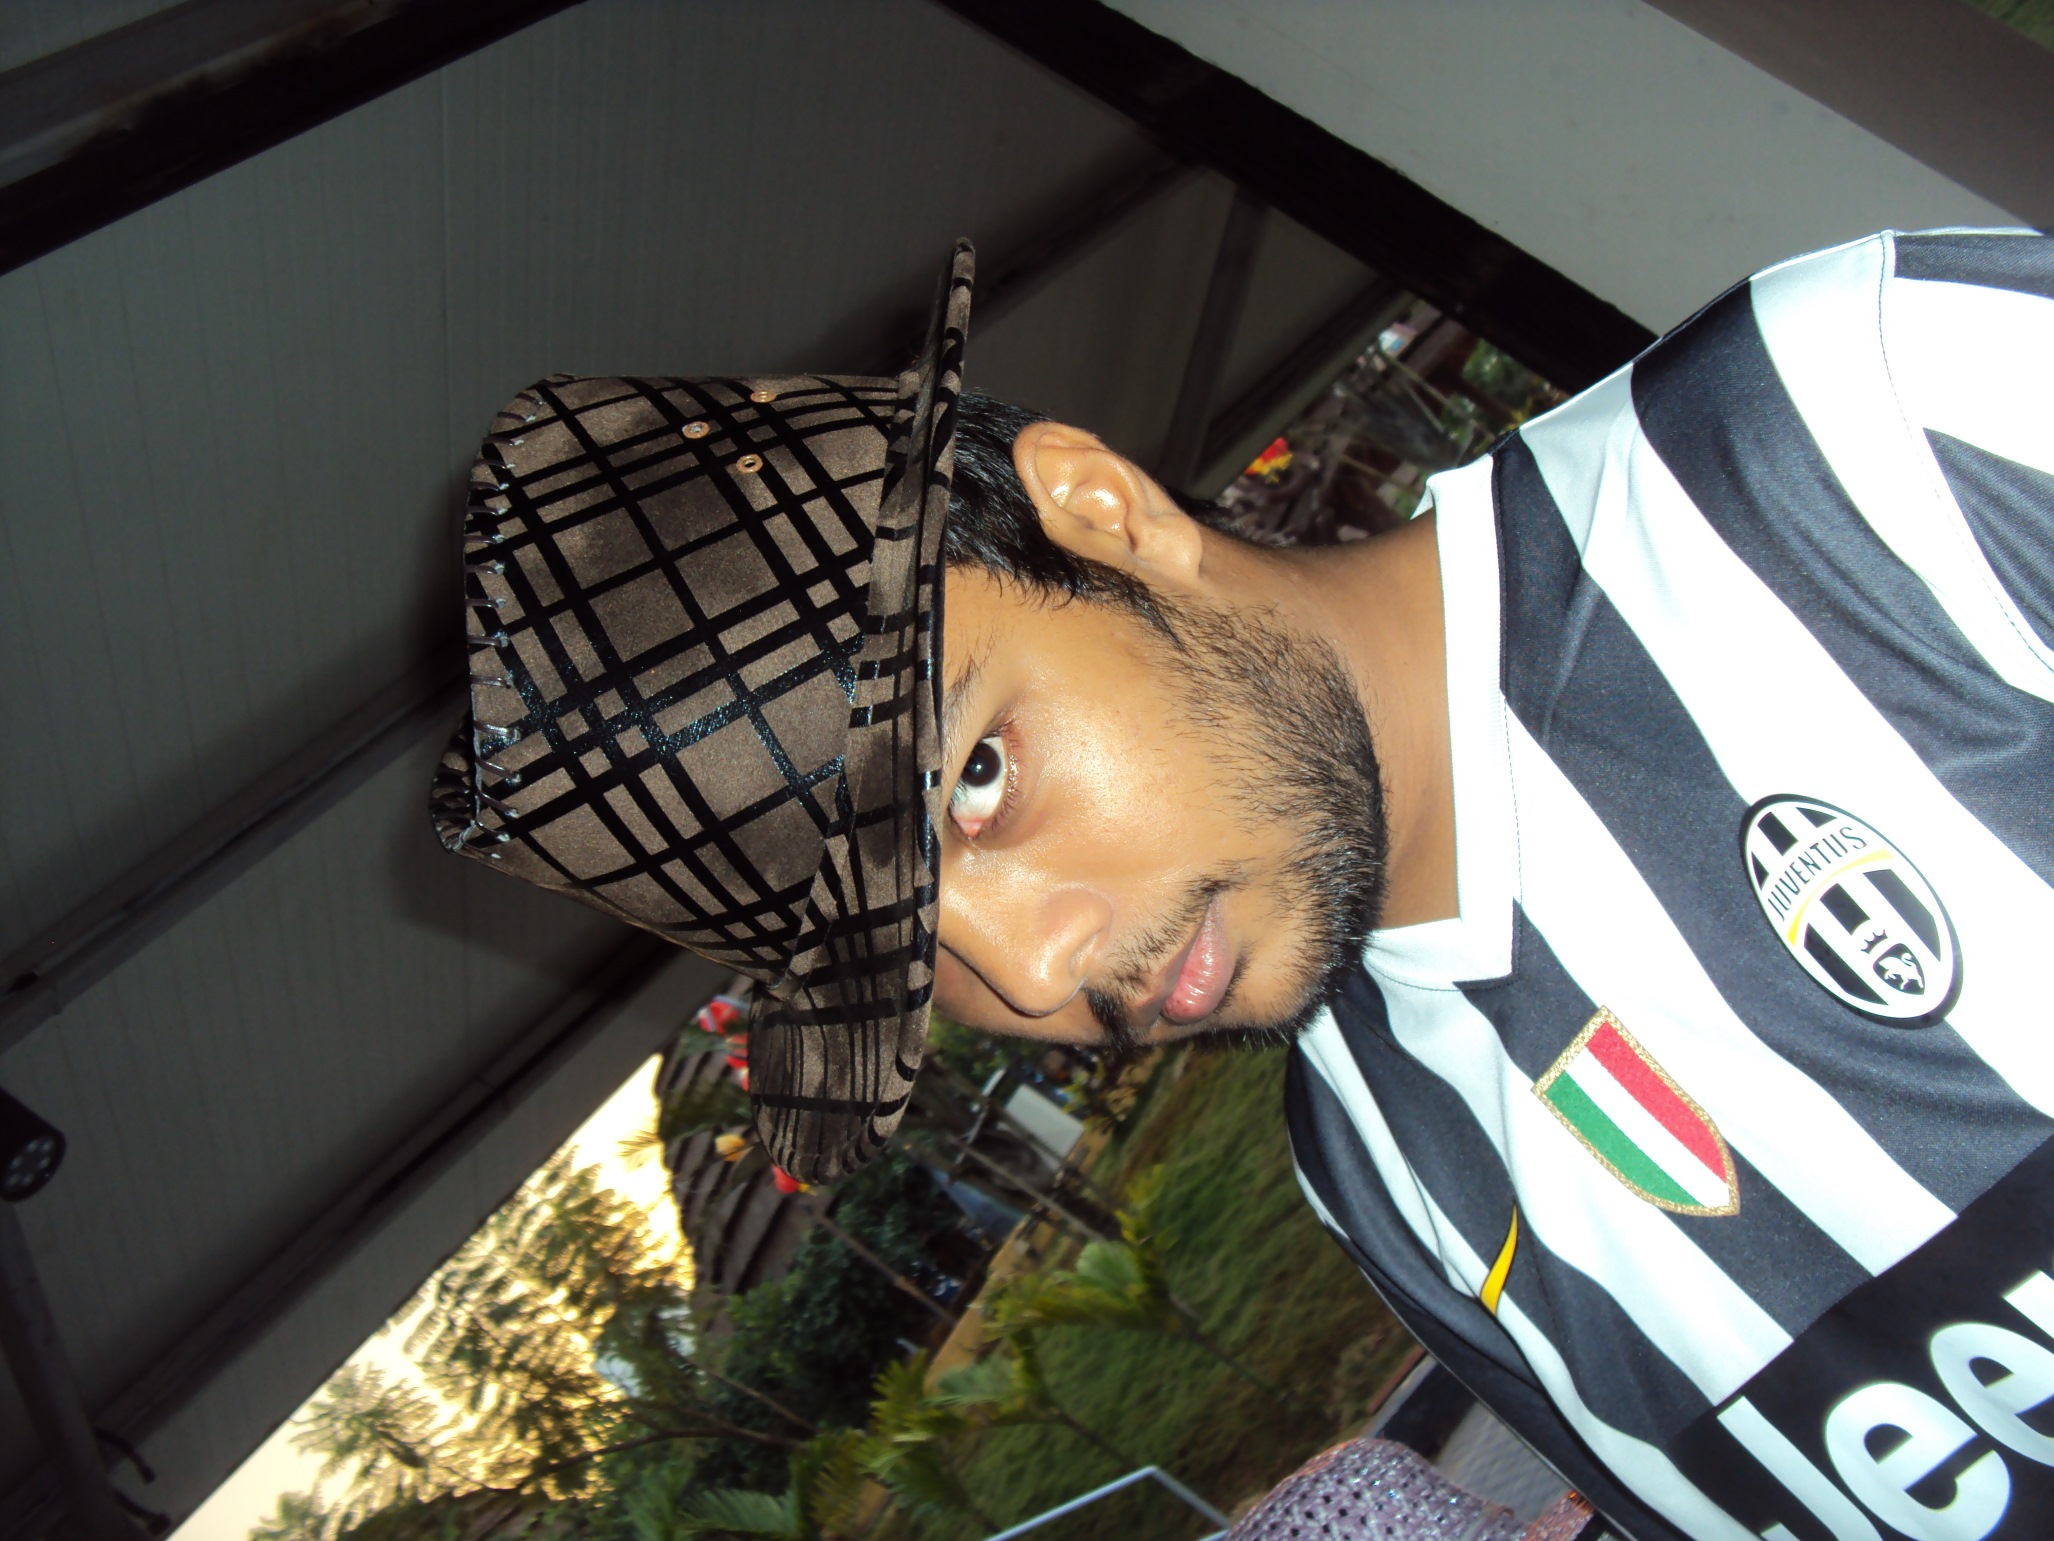 Kartik Jha